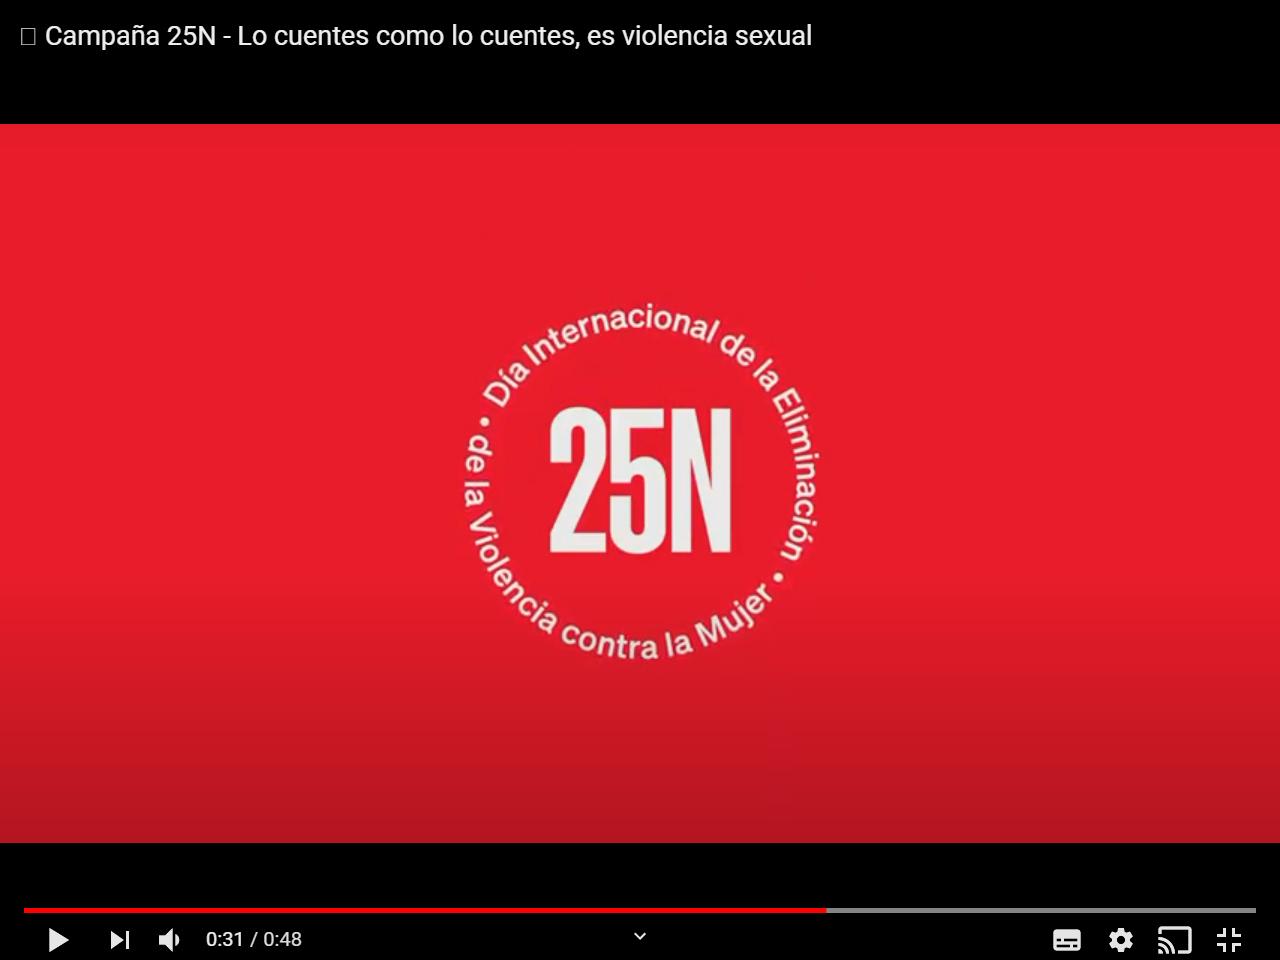 25 de noviembre: Campaña institucional de la Vicepresidencia y Consellería de Igualdad y Políticas Inclusivas